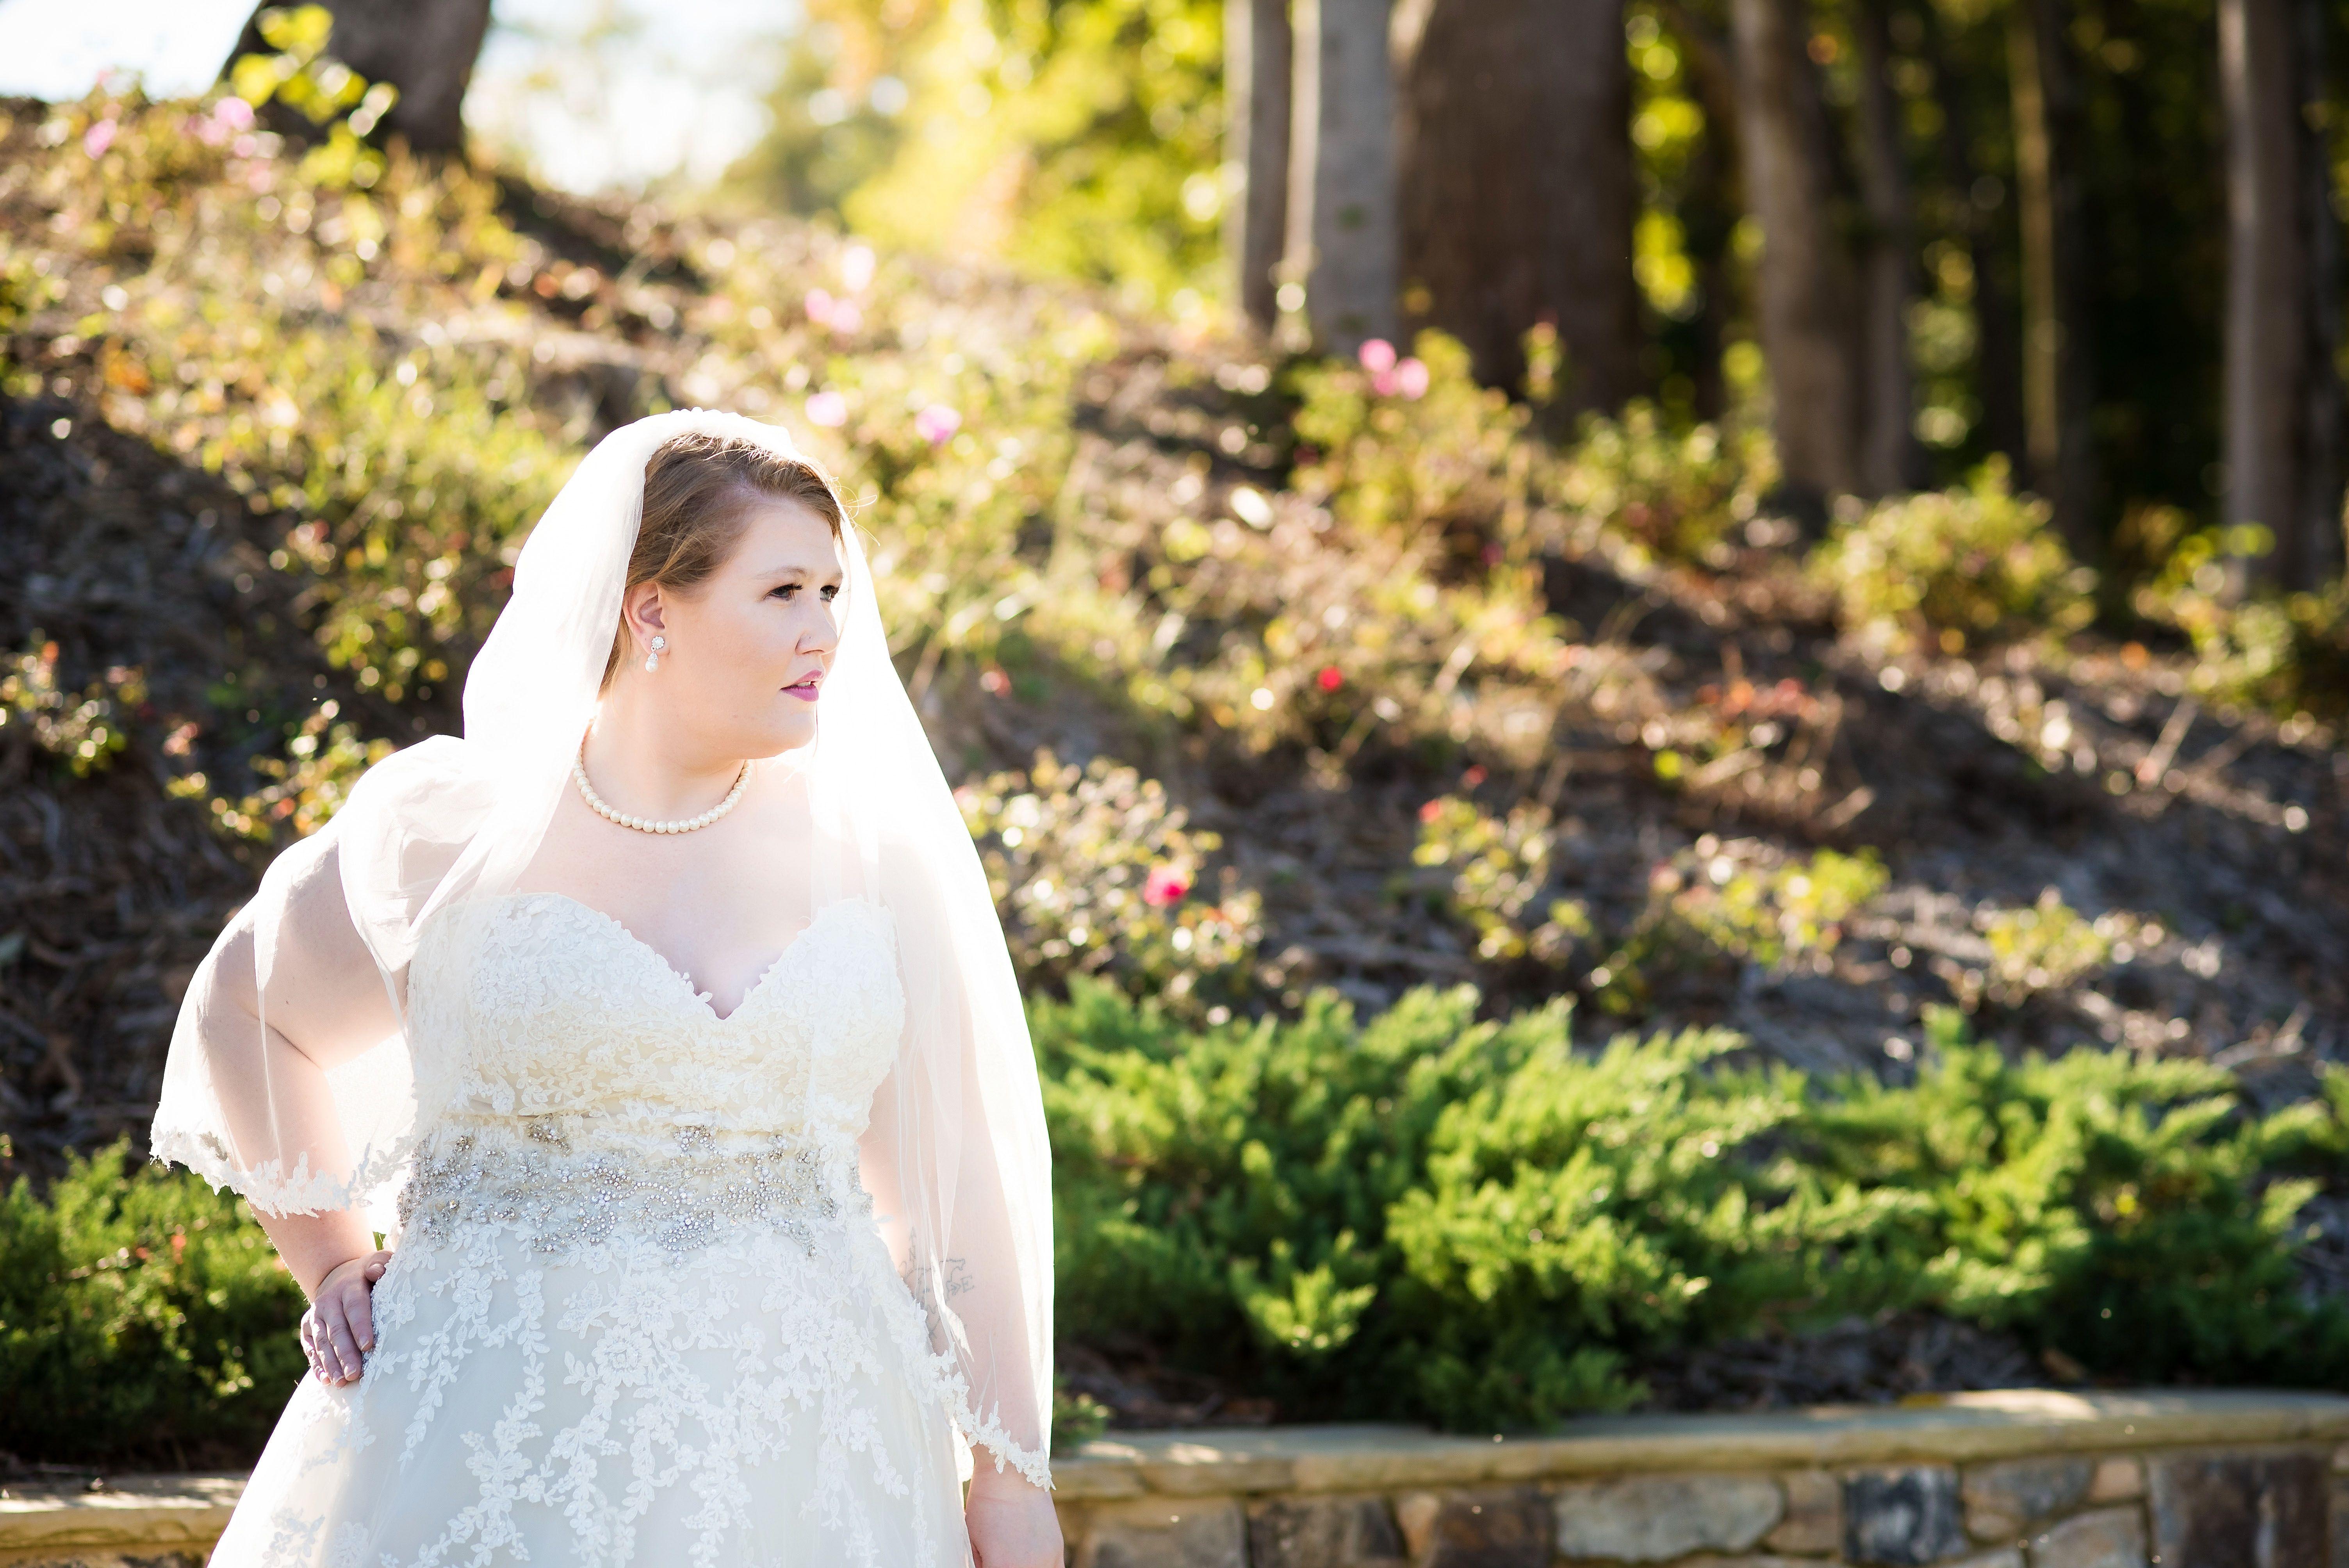 Wedding Angels Boutique Atlanta Ga Atlanta Bride Atlanta Wedding Elegant Wedding Dress Wedding Dresses Beaded Wedding Dresses Plus Size Wedding Gowns